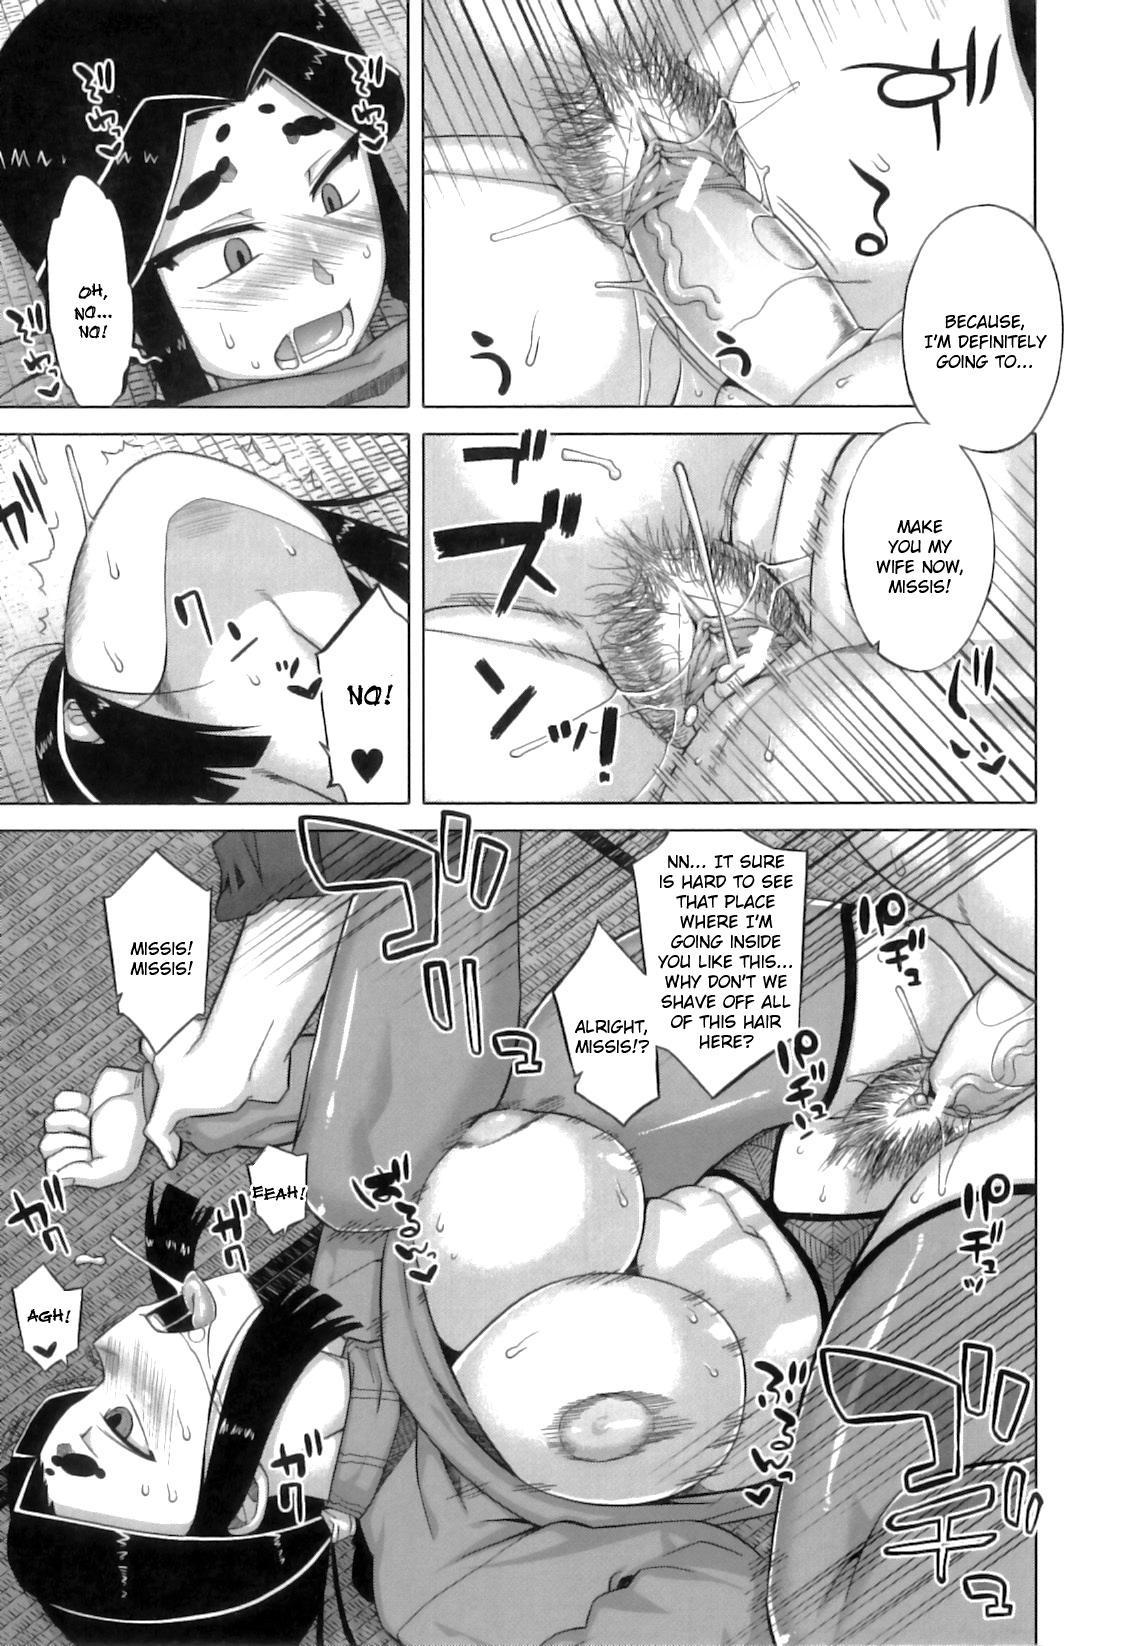 [Takatsu] DH! ~Himorogi Hyaku Yome Gatari~ | Demon-Hentai! - Shrine of One Hundred Wives [English] {doujin-moe.us} 76